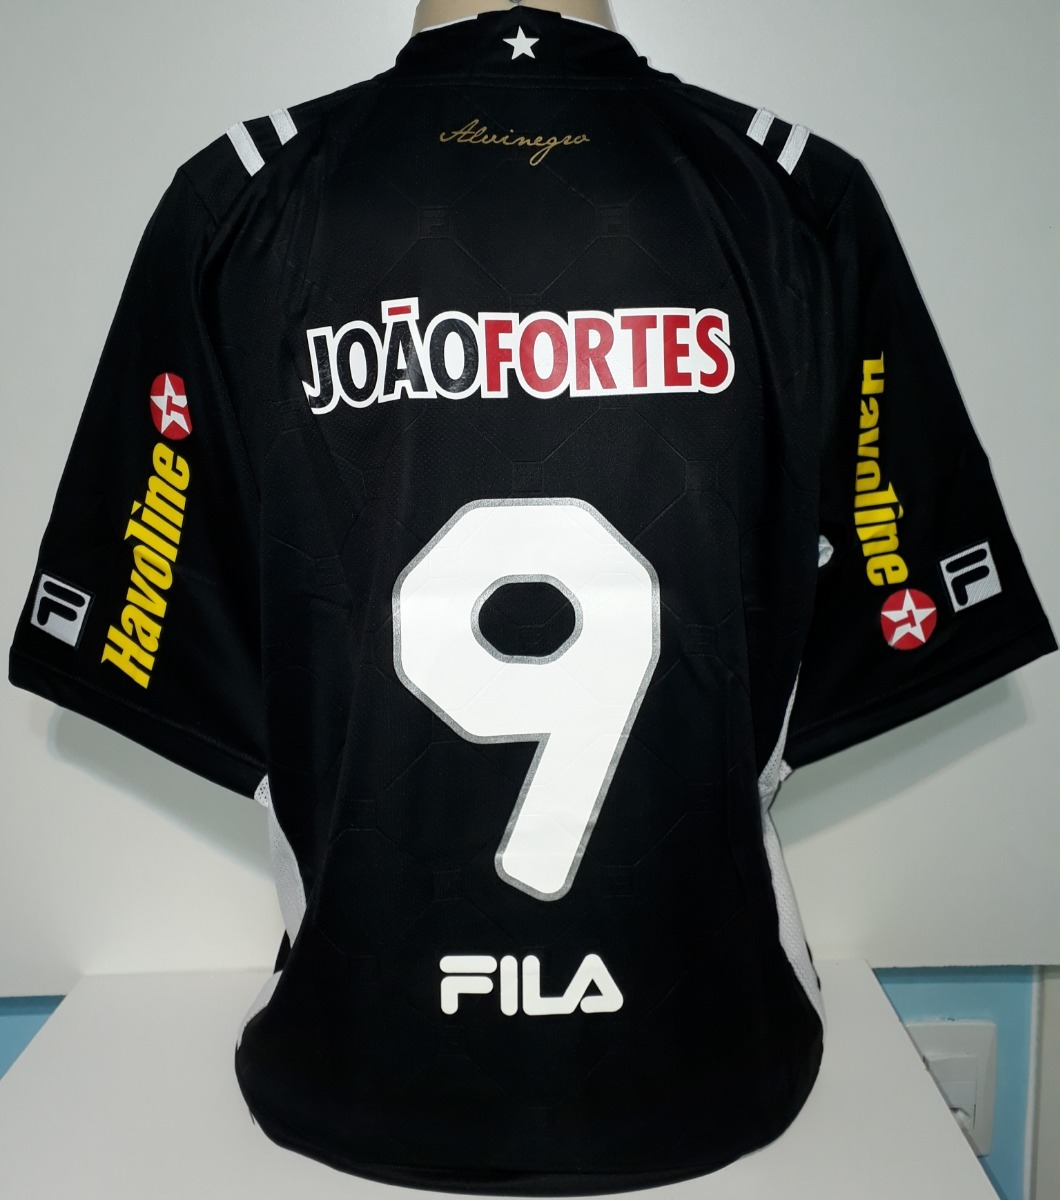 Camisa Botafogo Fila Preta Ano 2011 Nova Etiquetas - 19 - R  189 e2b88952616d8